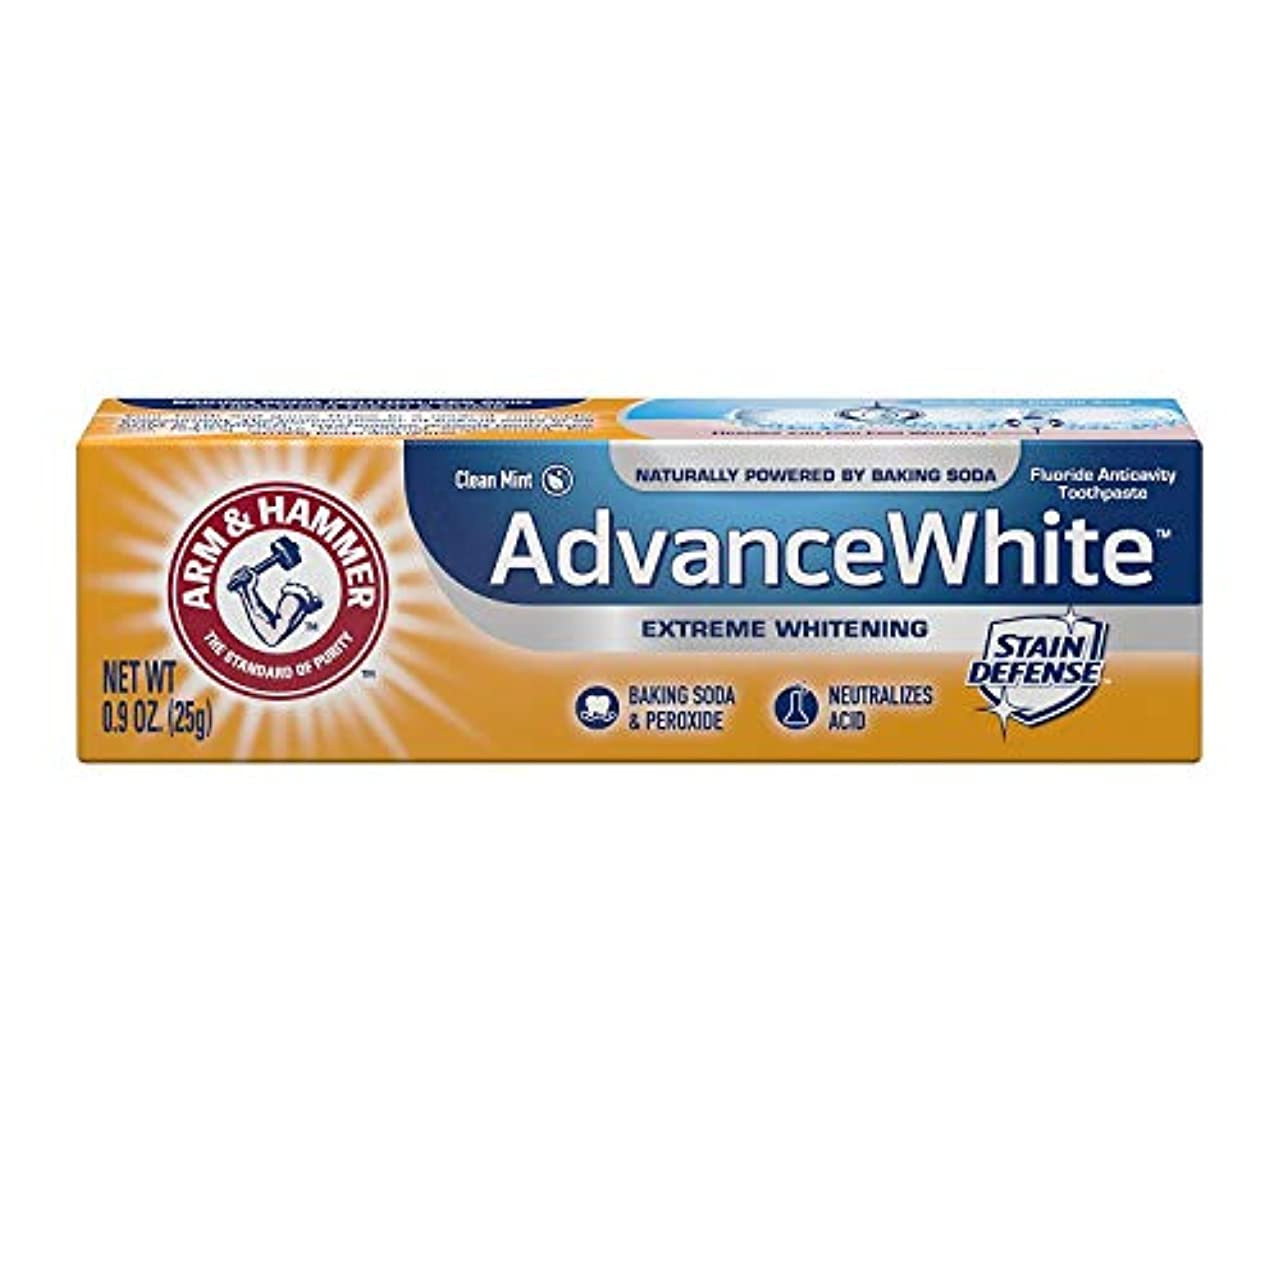 クリップ支店完全に乾くArm & Hammer Advance White Extreme Whitening with Stain Defense Baking Soda & Peroxide Toothpaste - 4.3 oz by...